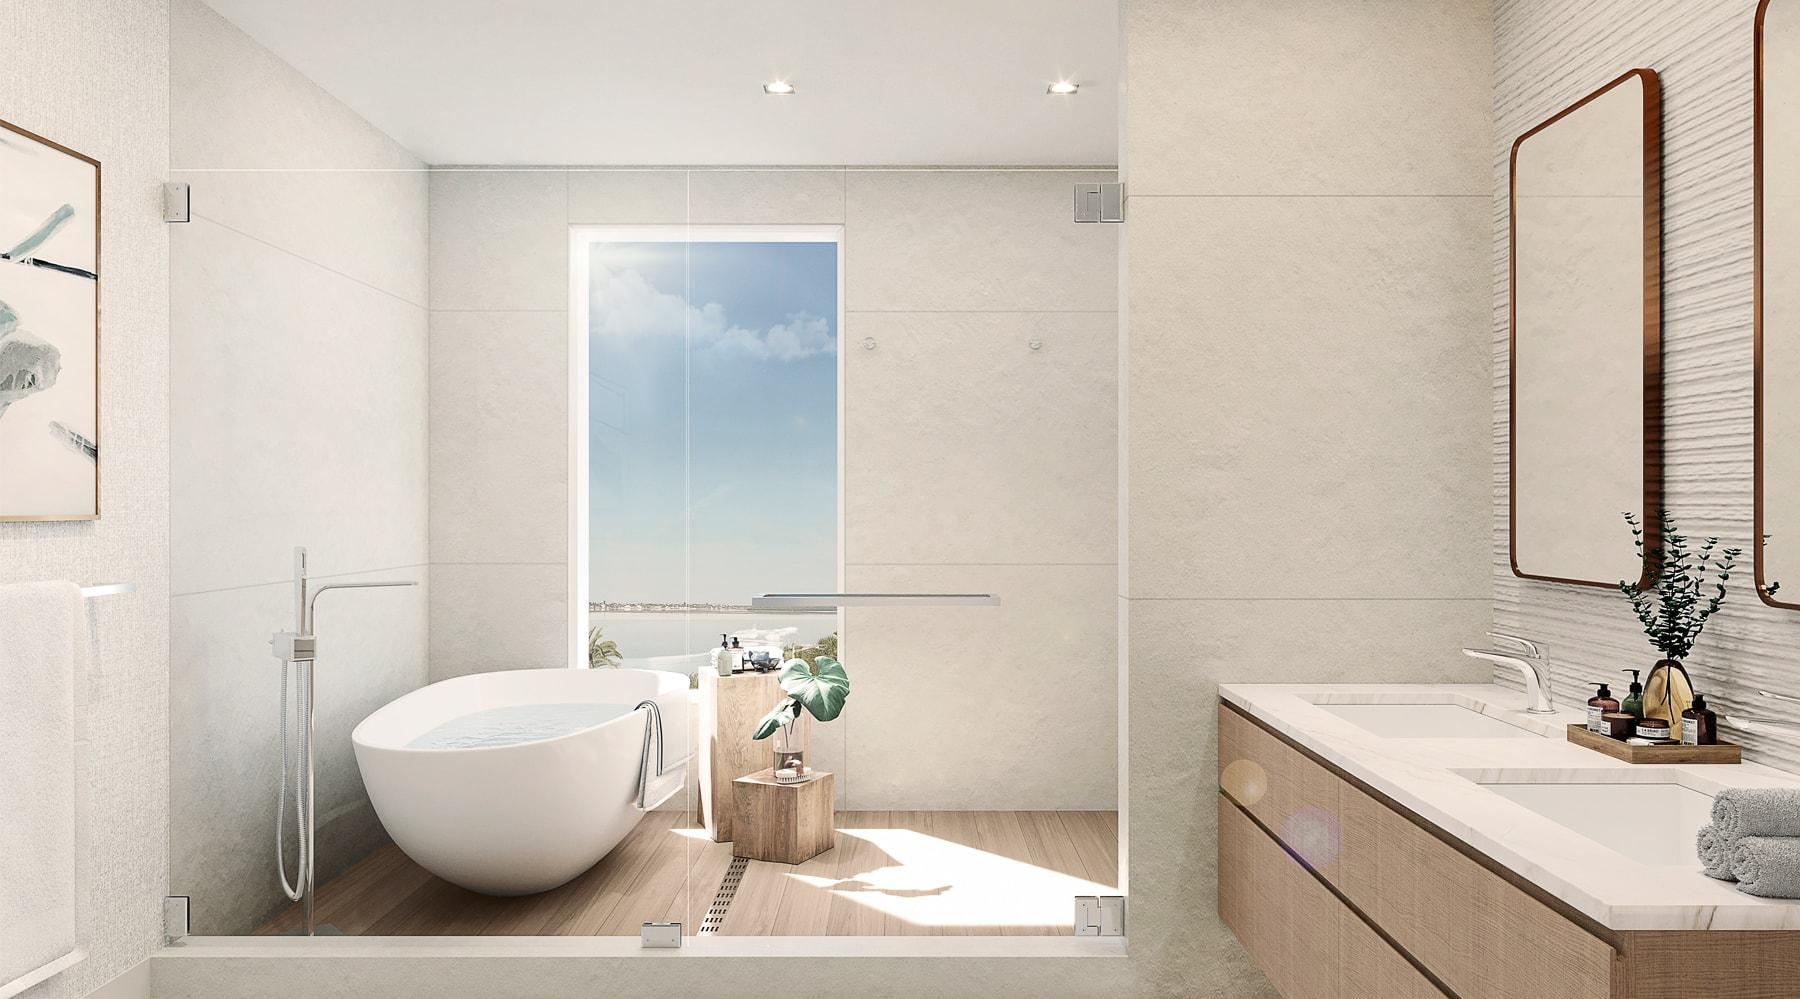 Bathroom Serena by the Sea